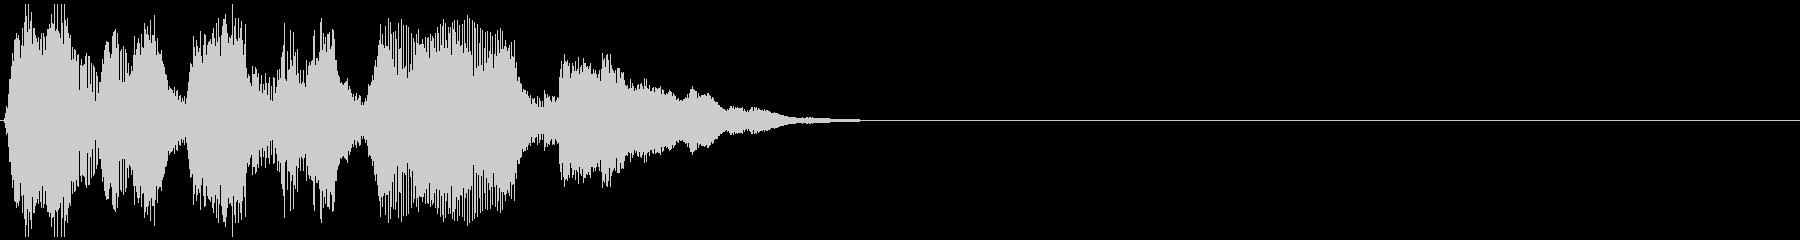 ファンファーレ/レベルアップ/キラーンの未再生の波形